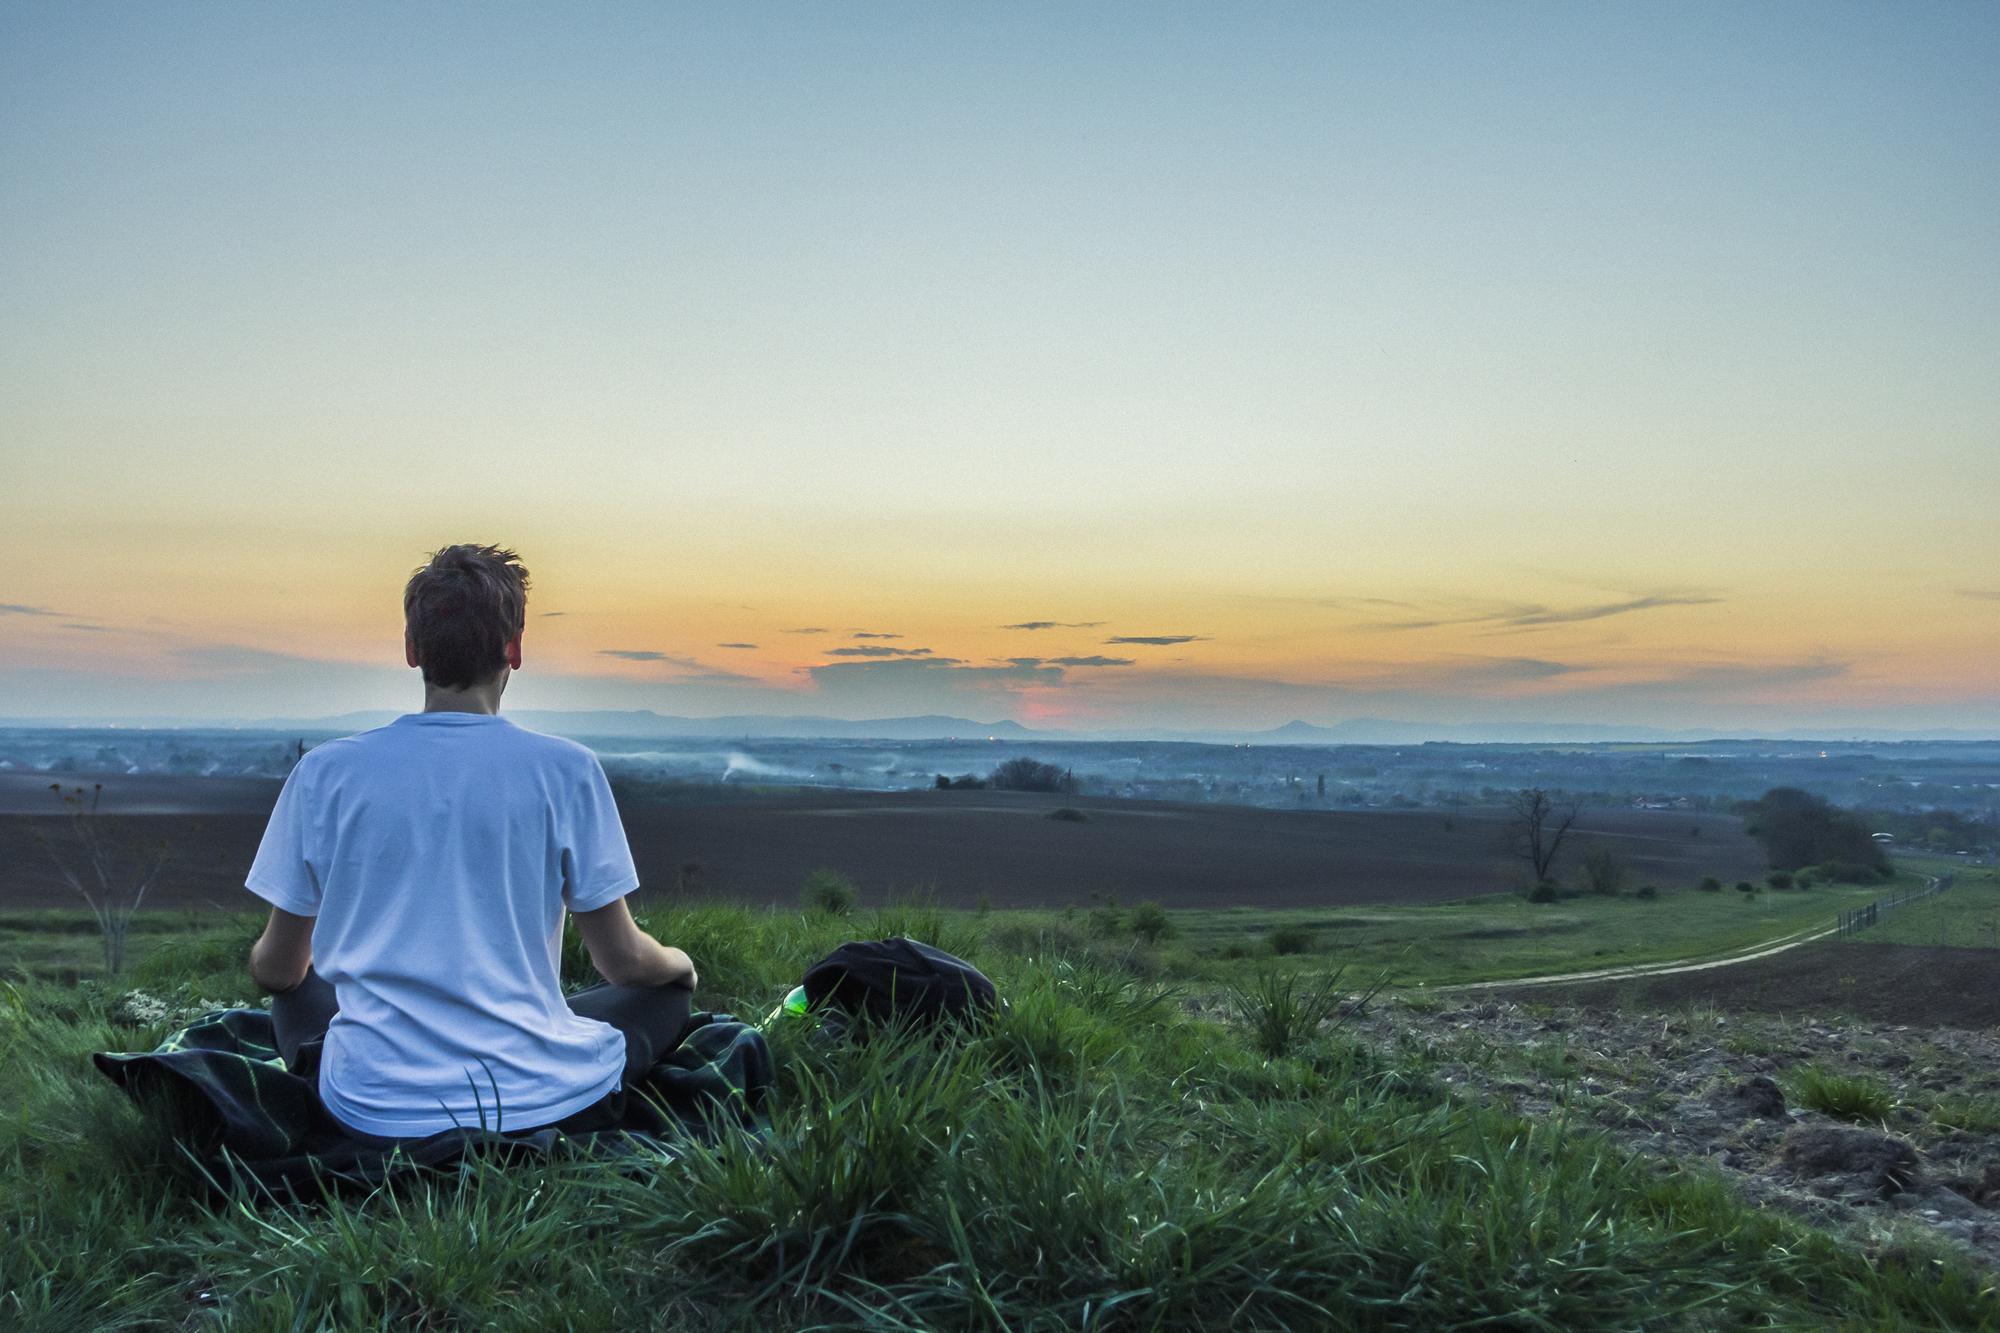 meditation-abovethecityreduced.jpg